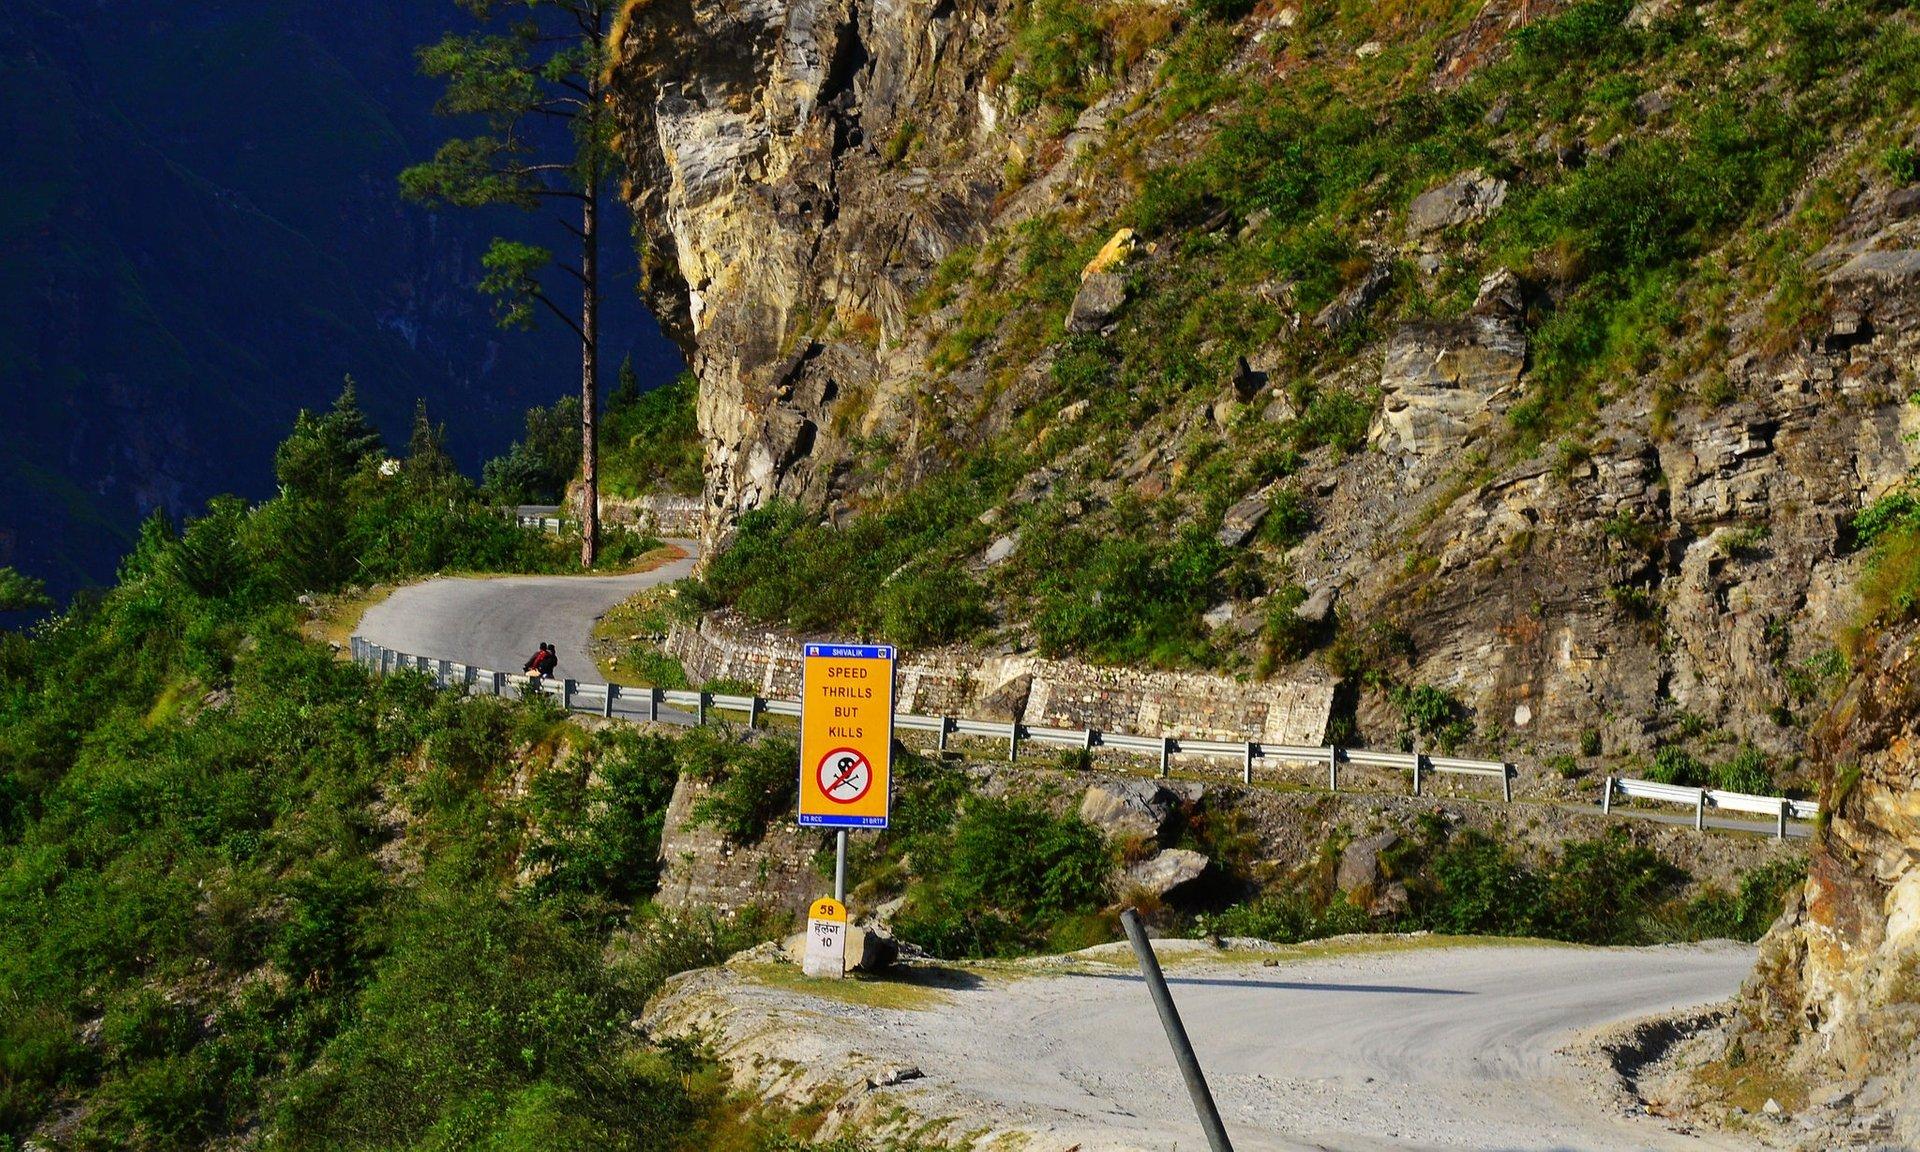 Himalayan road 2020